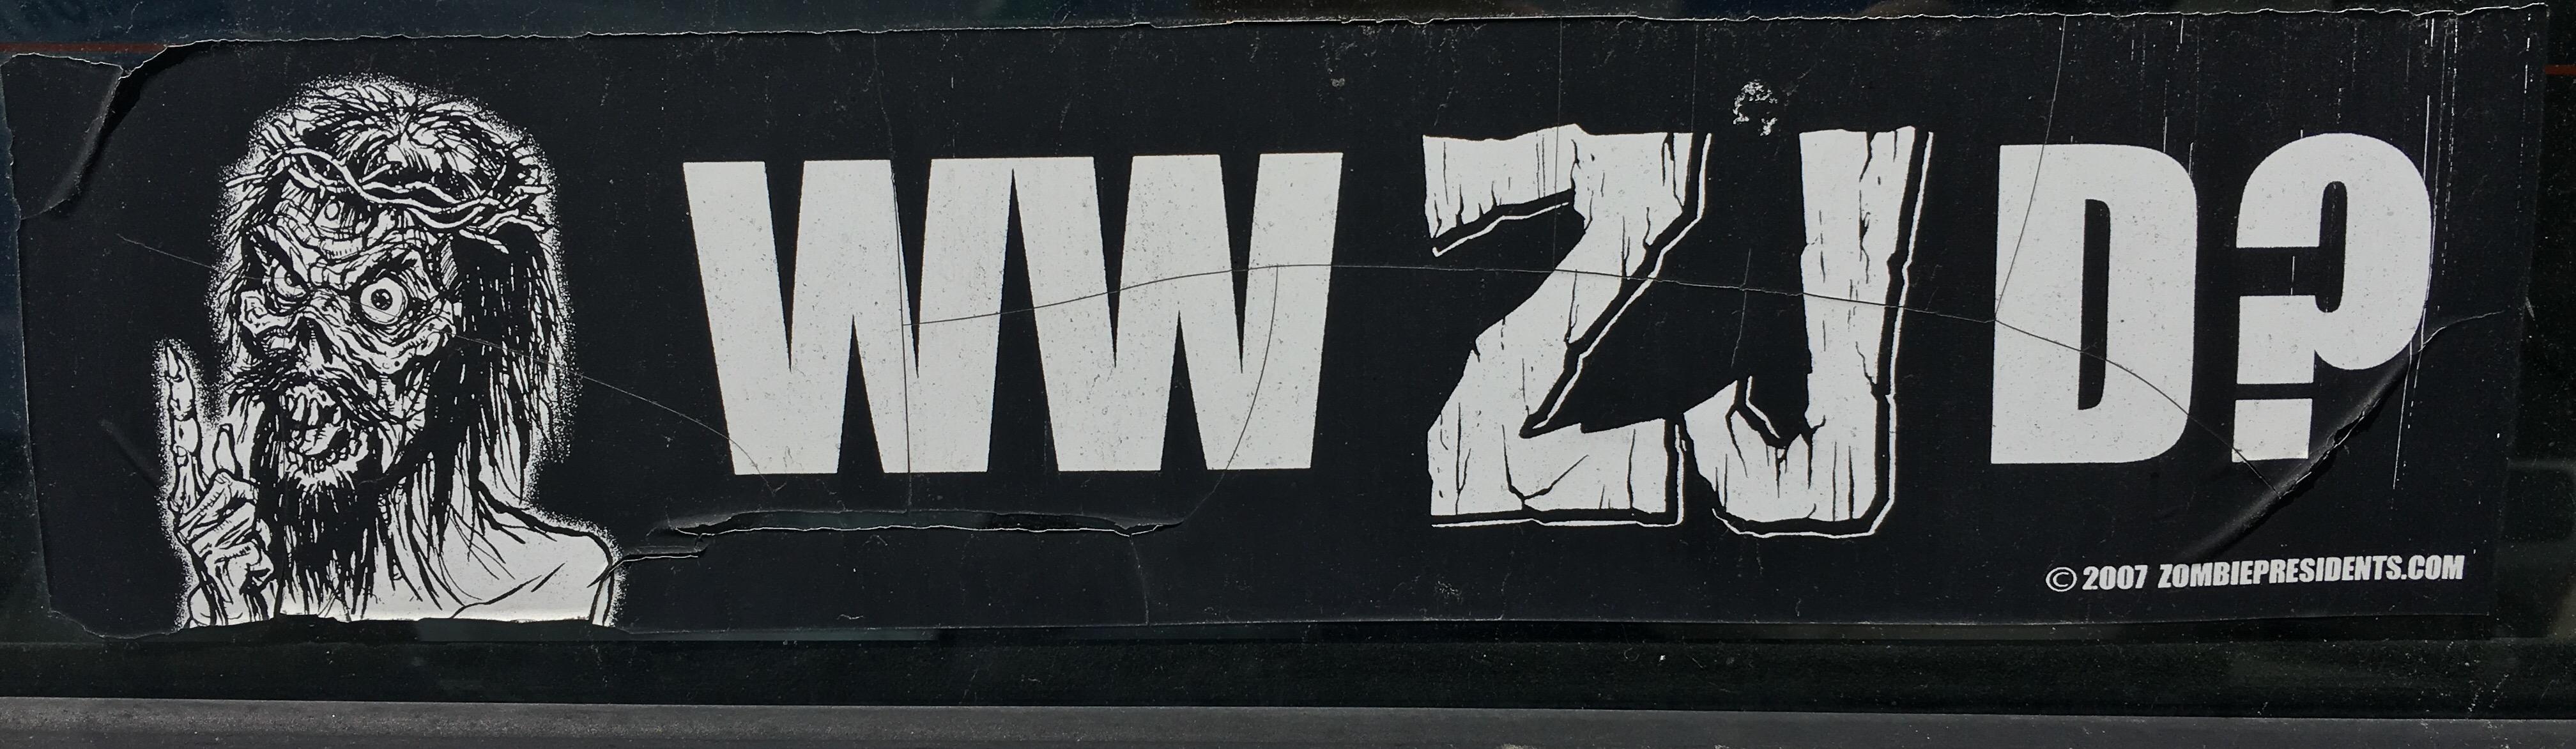 Bumper Sticker WWZJ Do?